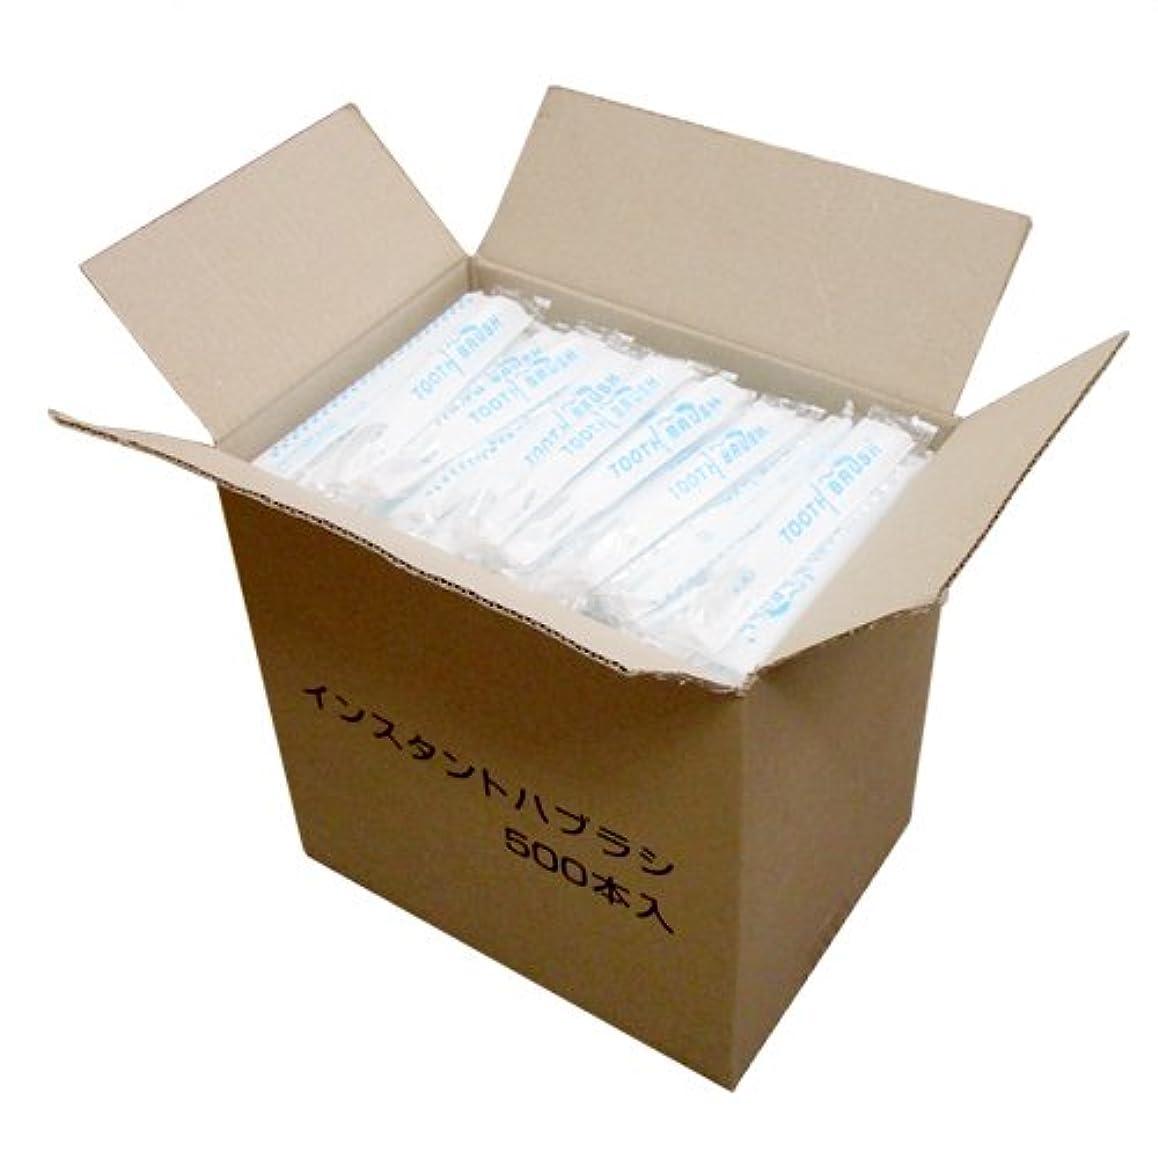 ファーザーファージュハードウェアサラダ業務用 日本製 使い捨て粉付き歯ブラシ 個包装タイプ 500本入×8箱 (4000本入)│ホテルアメニティ